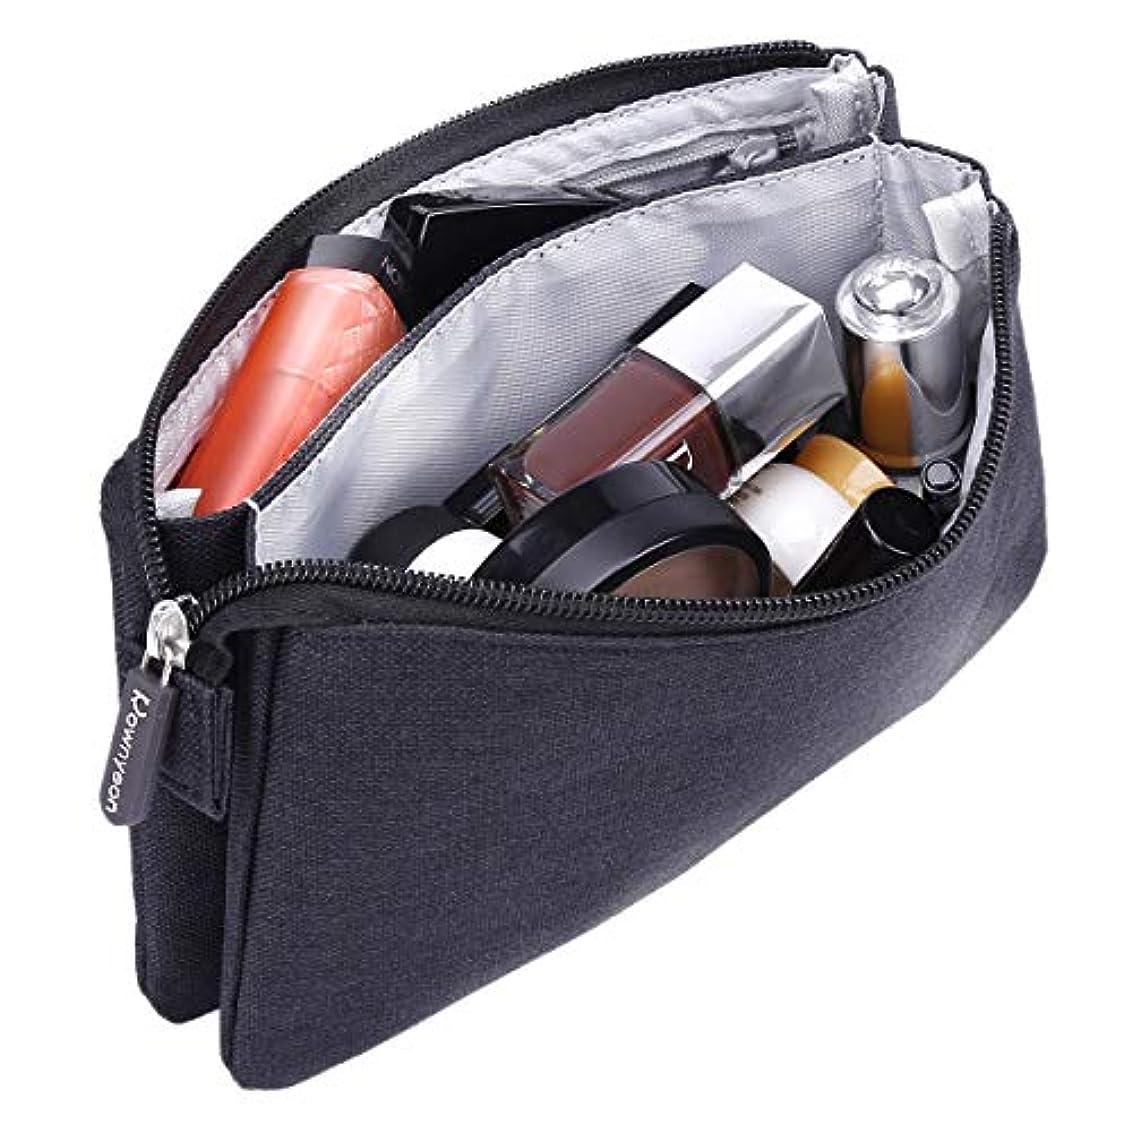 欠伸ナンセンス早いRownyeon 化粧ポーチ メイクポーチ クラッチバッグ 小型 財布 インナー コスメポーチ 大容量 機能的 小物入れ シンプル 小物ケース 携帯用 普段使い 人気